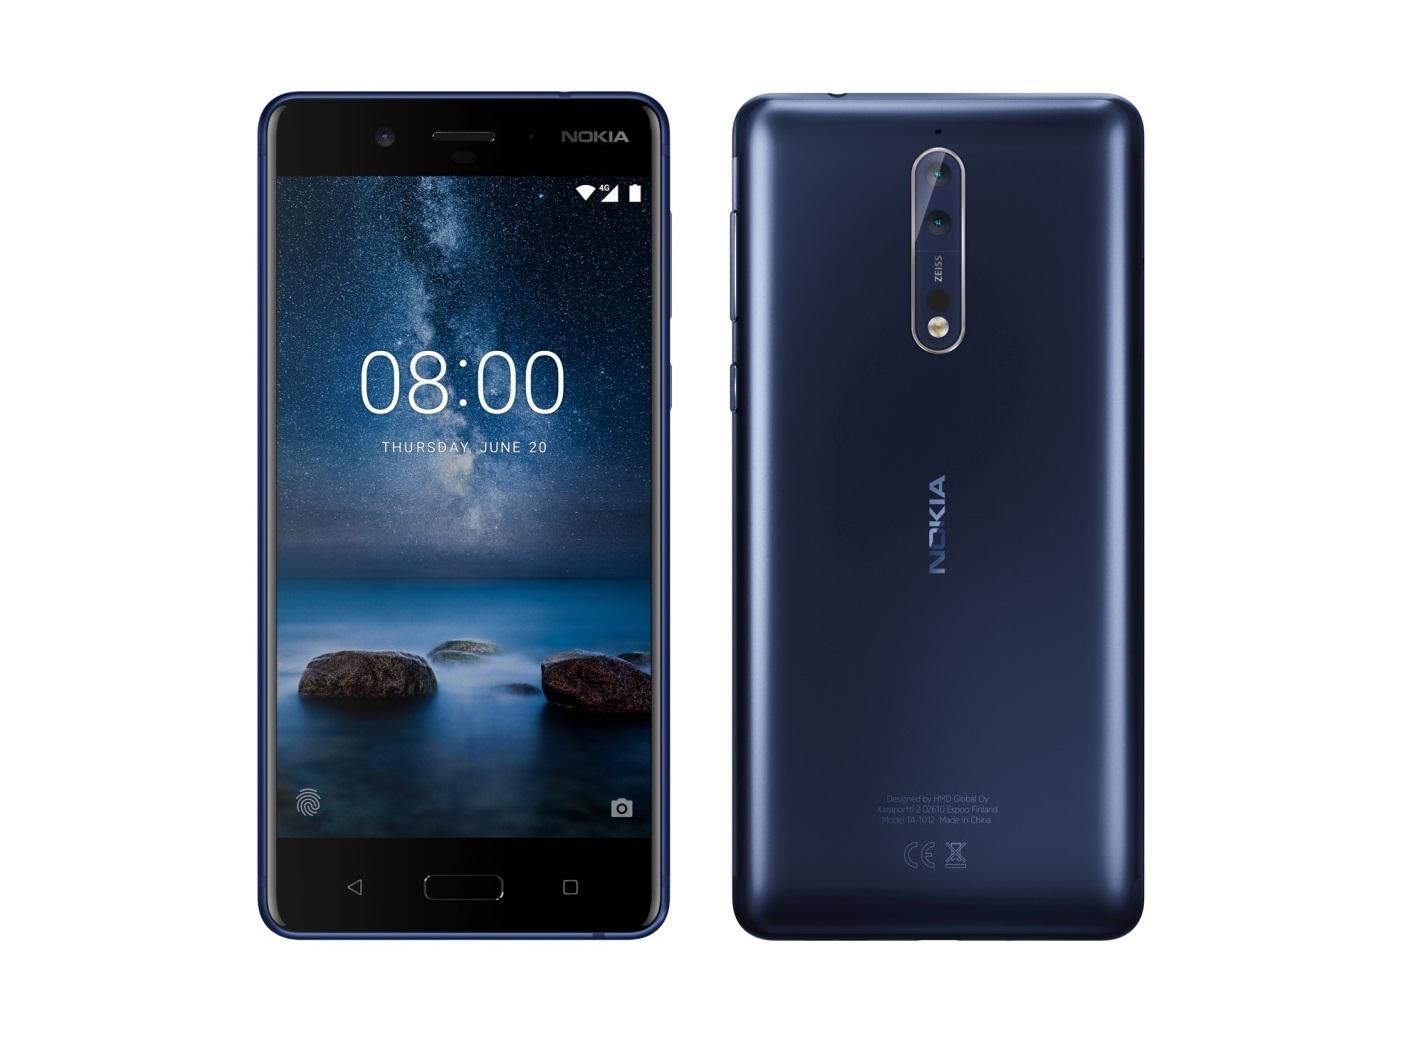 Aparece un Nokia 8 con Android O y la gente se vuelve loca